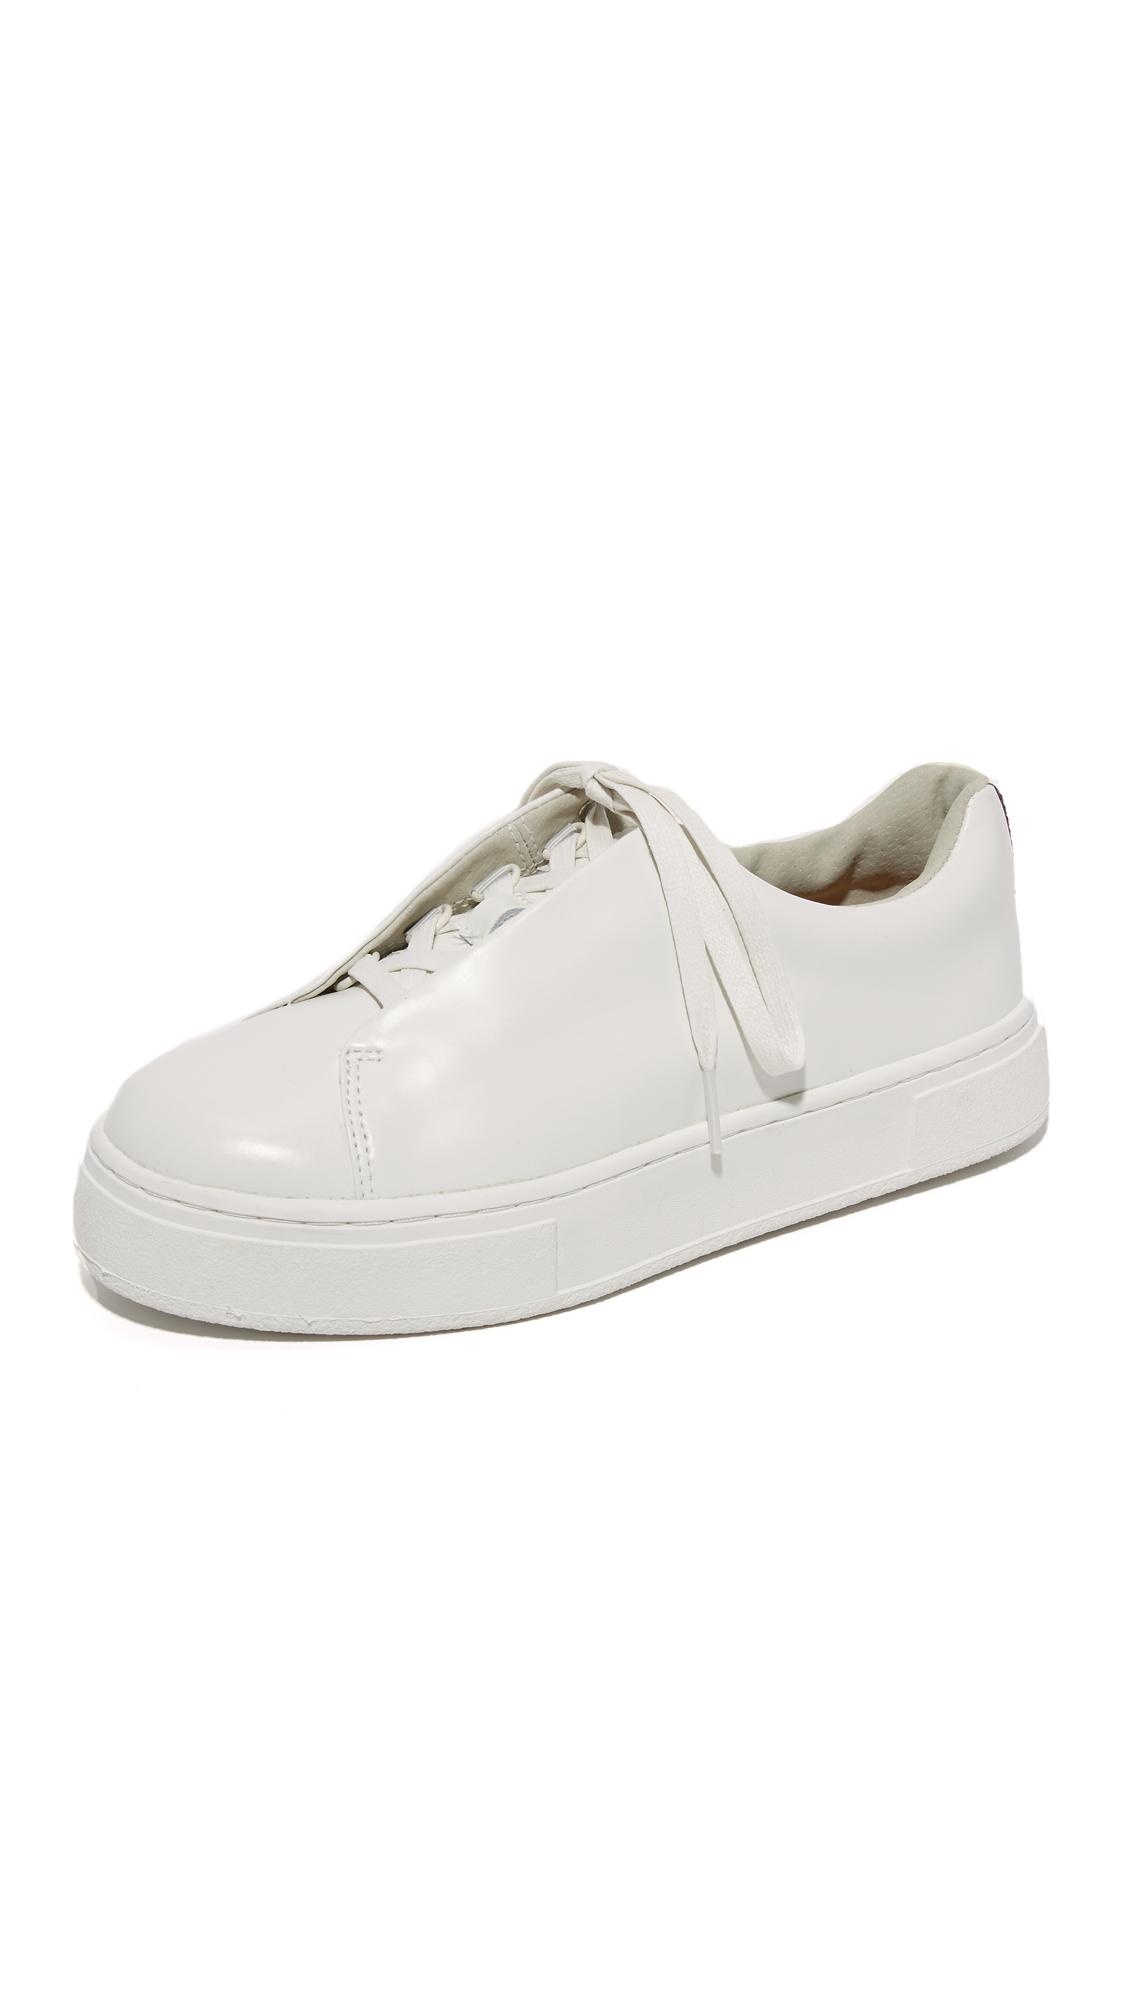 Eytys Doja Leather Sneakers - White